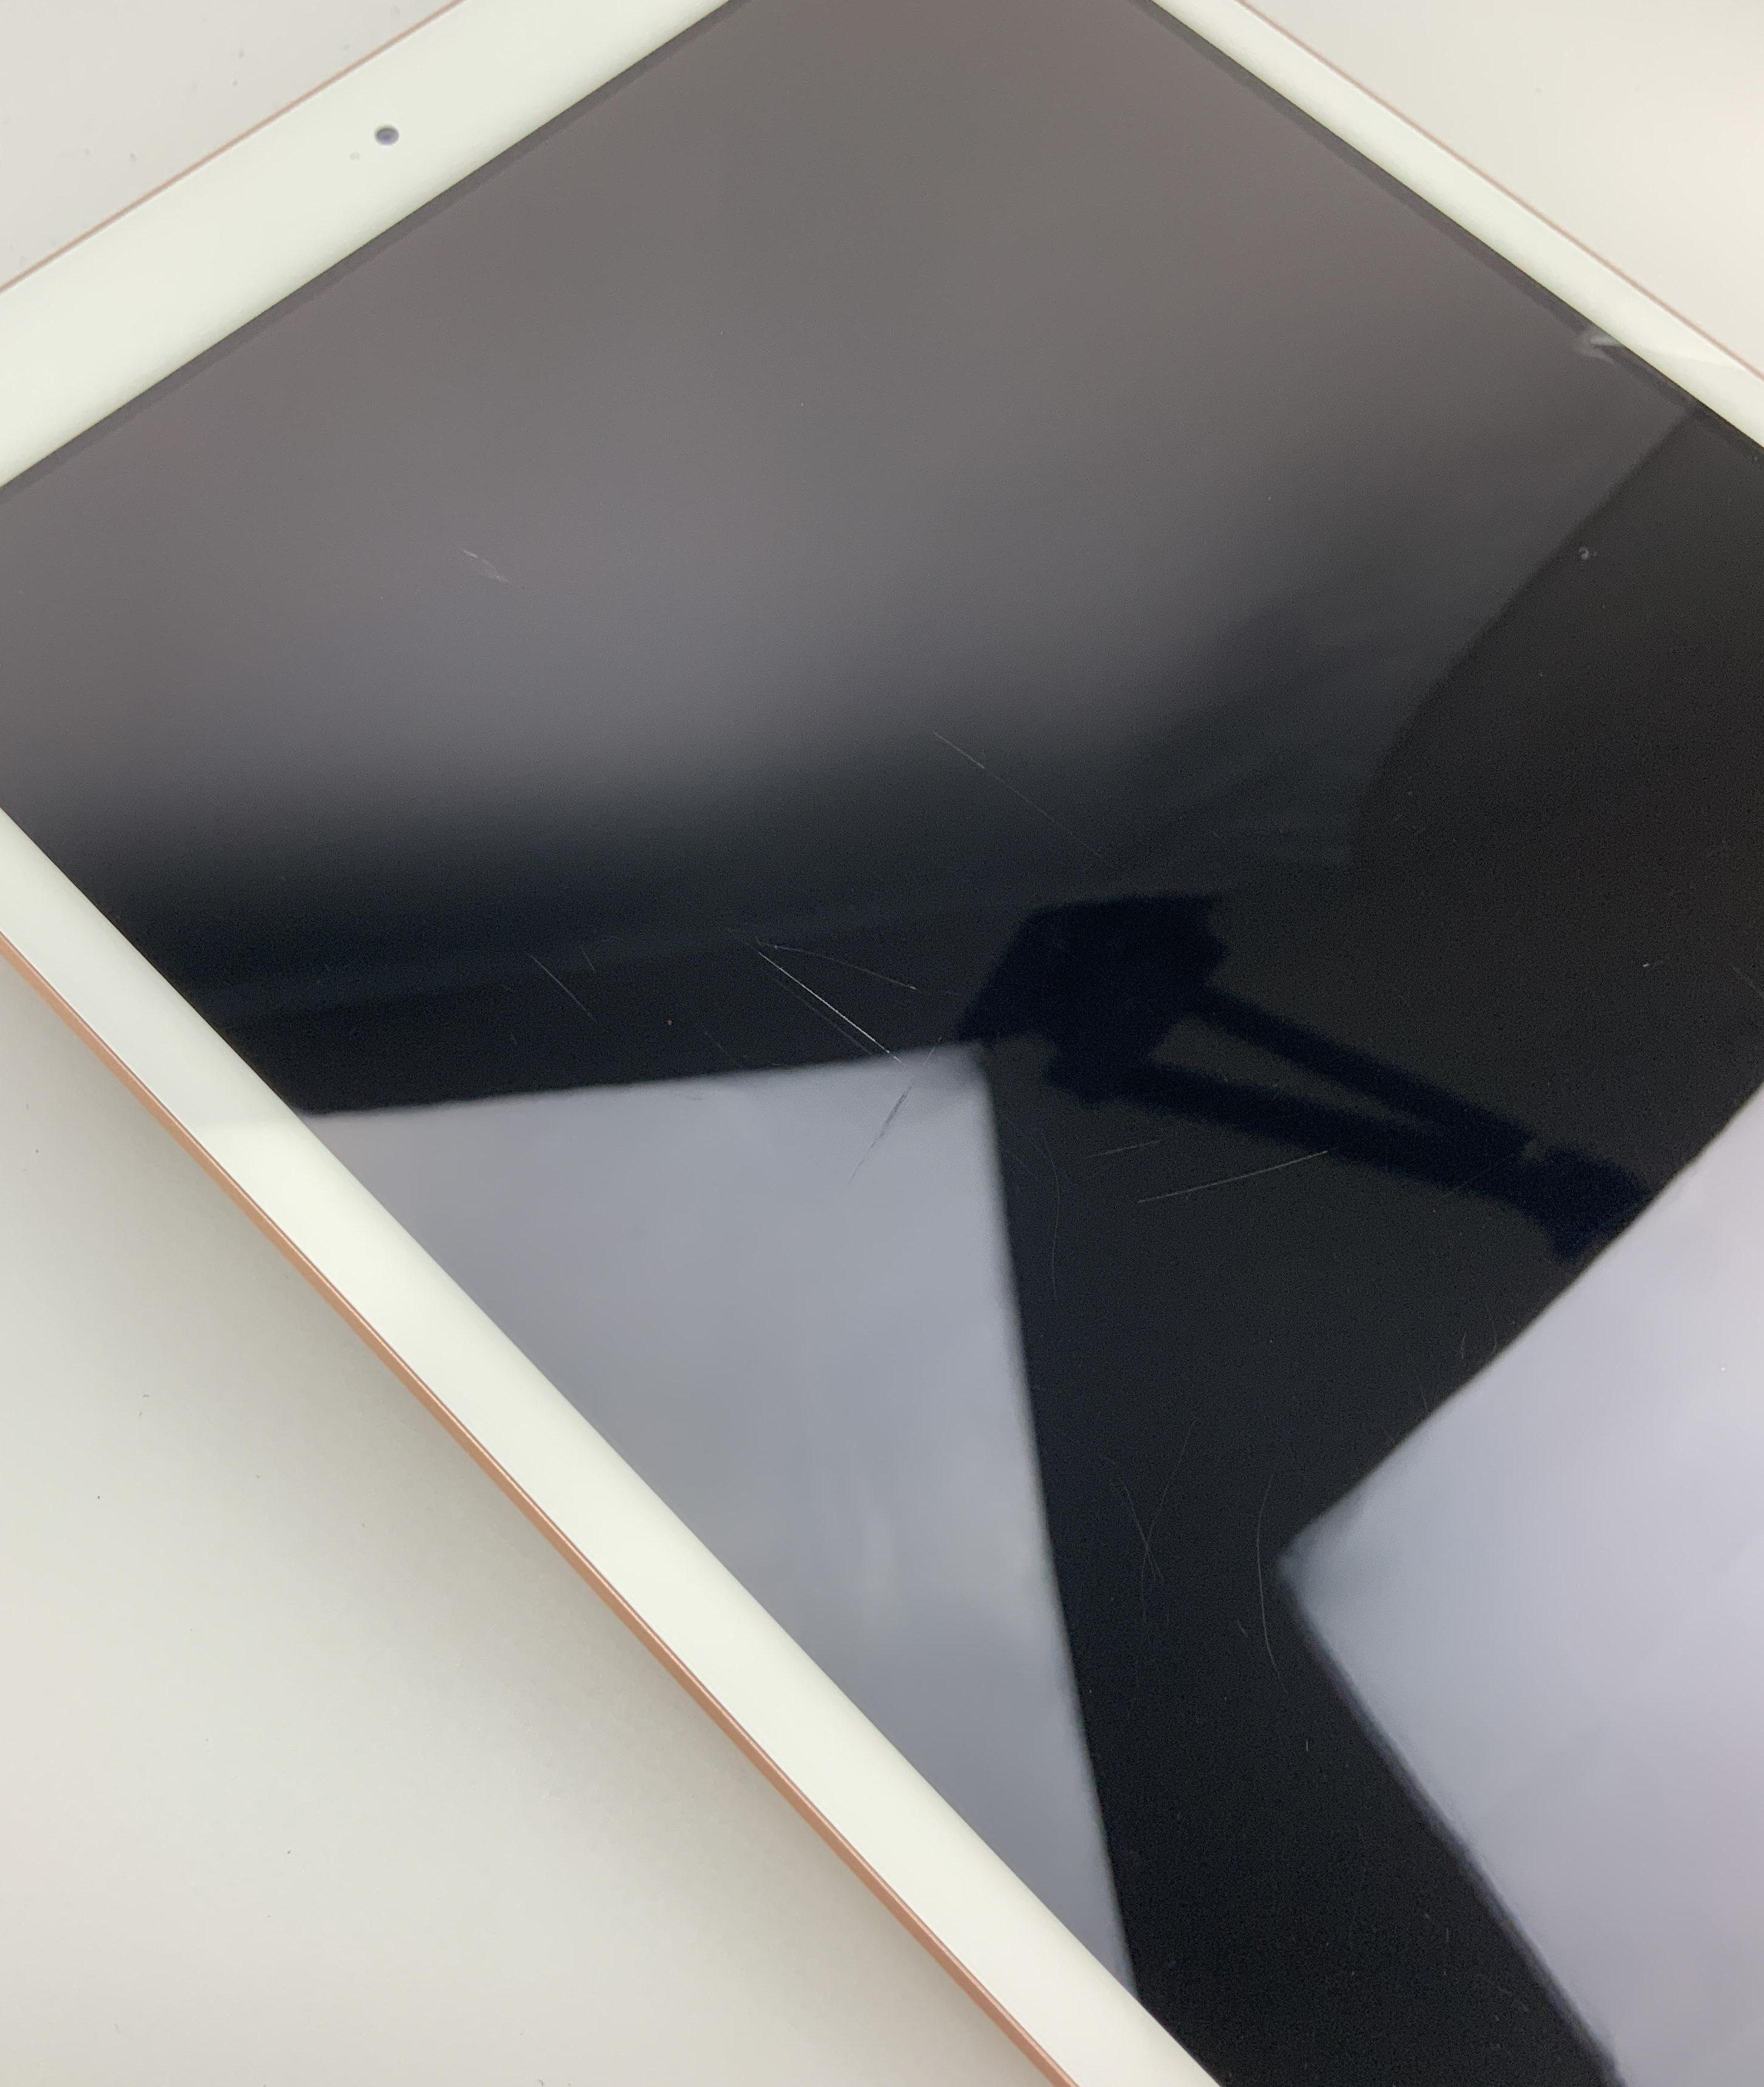 iPad 7 Wi-Fi 32GB, 32GB, Gold, Kuva 4